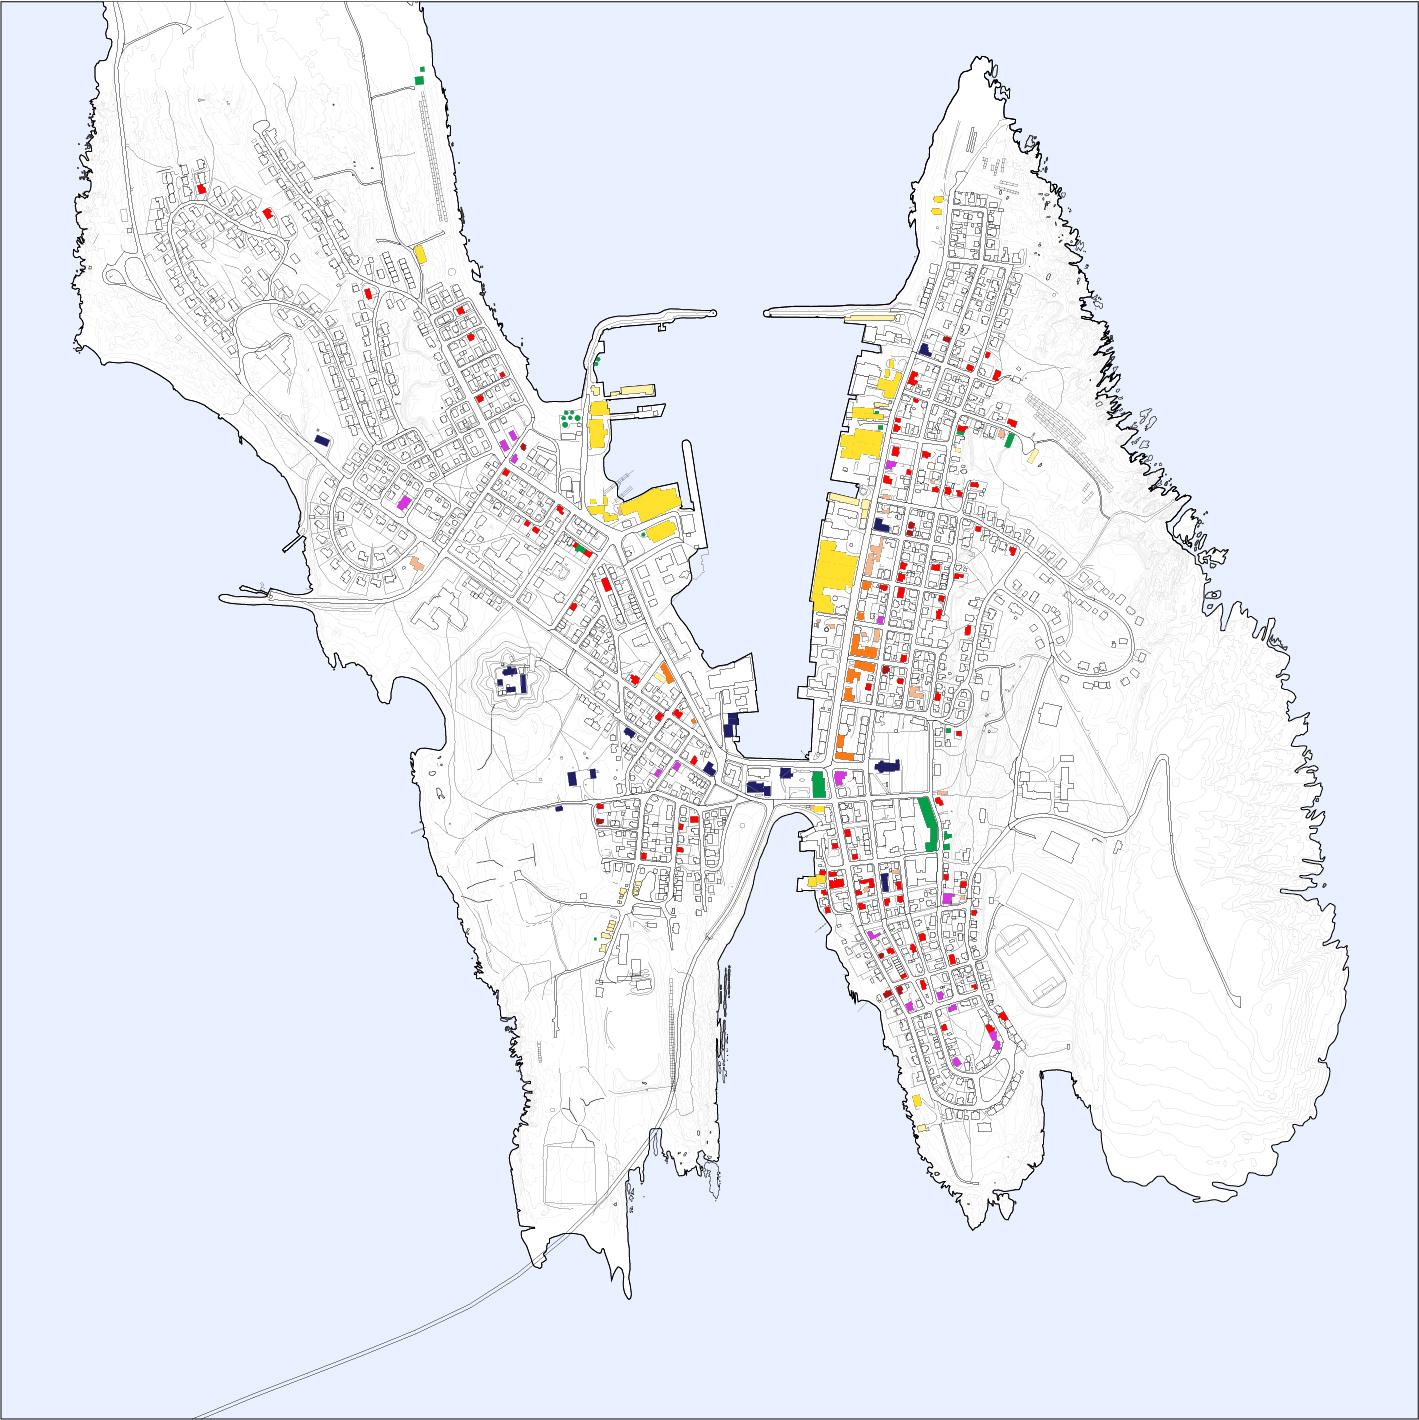 kart over vardø Vardo map kart over vardø